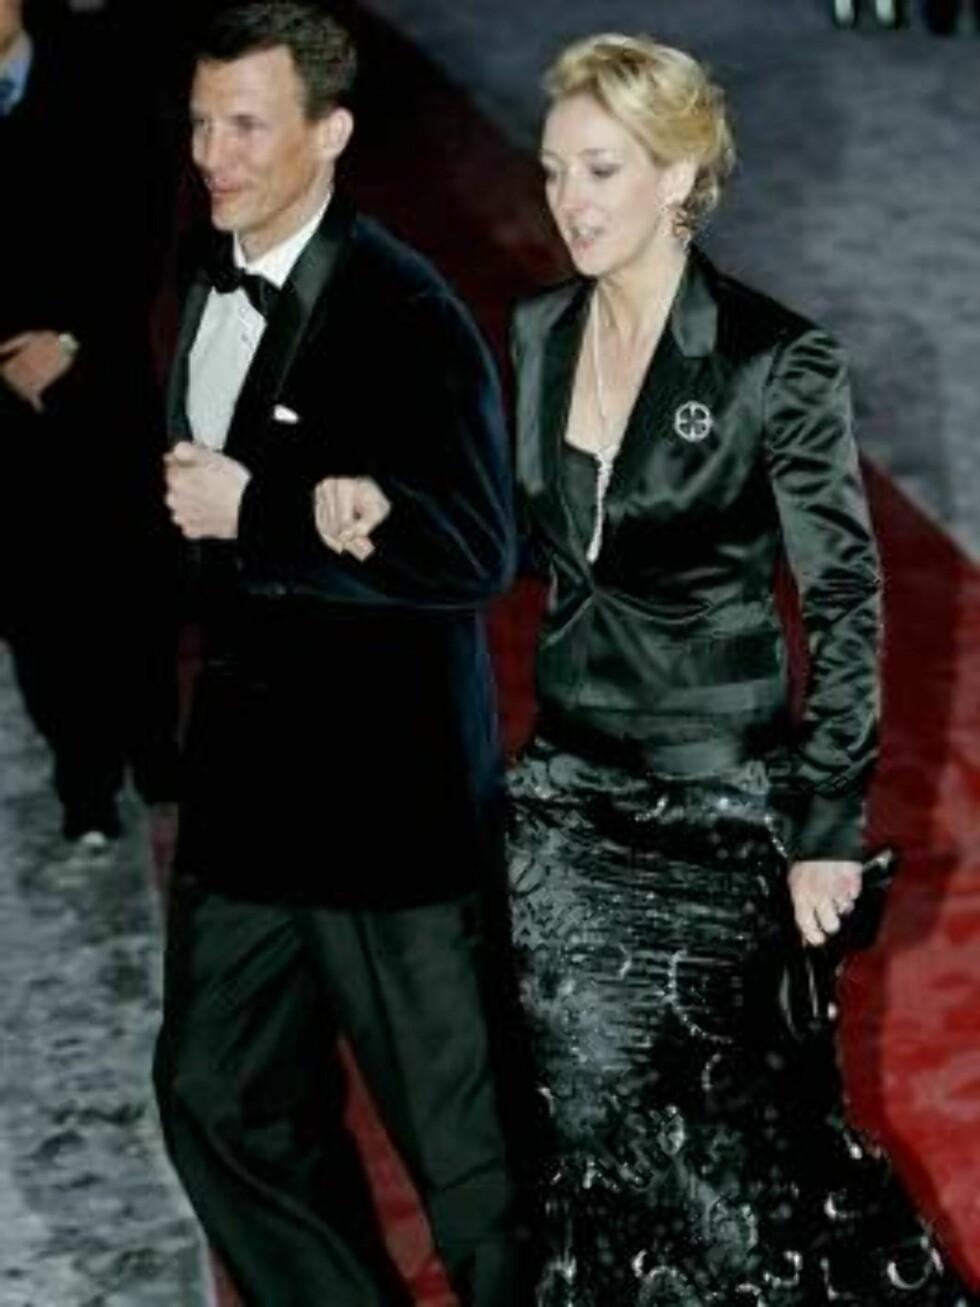 OSLO 20070223: Danmarks prins Joachim og prinsesse Alexandra av Sayn-Wittgestein-Berleburg ankommer festforestillingen i Oslo rådhus fredag kveld. Foto: Stian Lysberg Solum / SCANPIX    Foto: SCANPIX